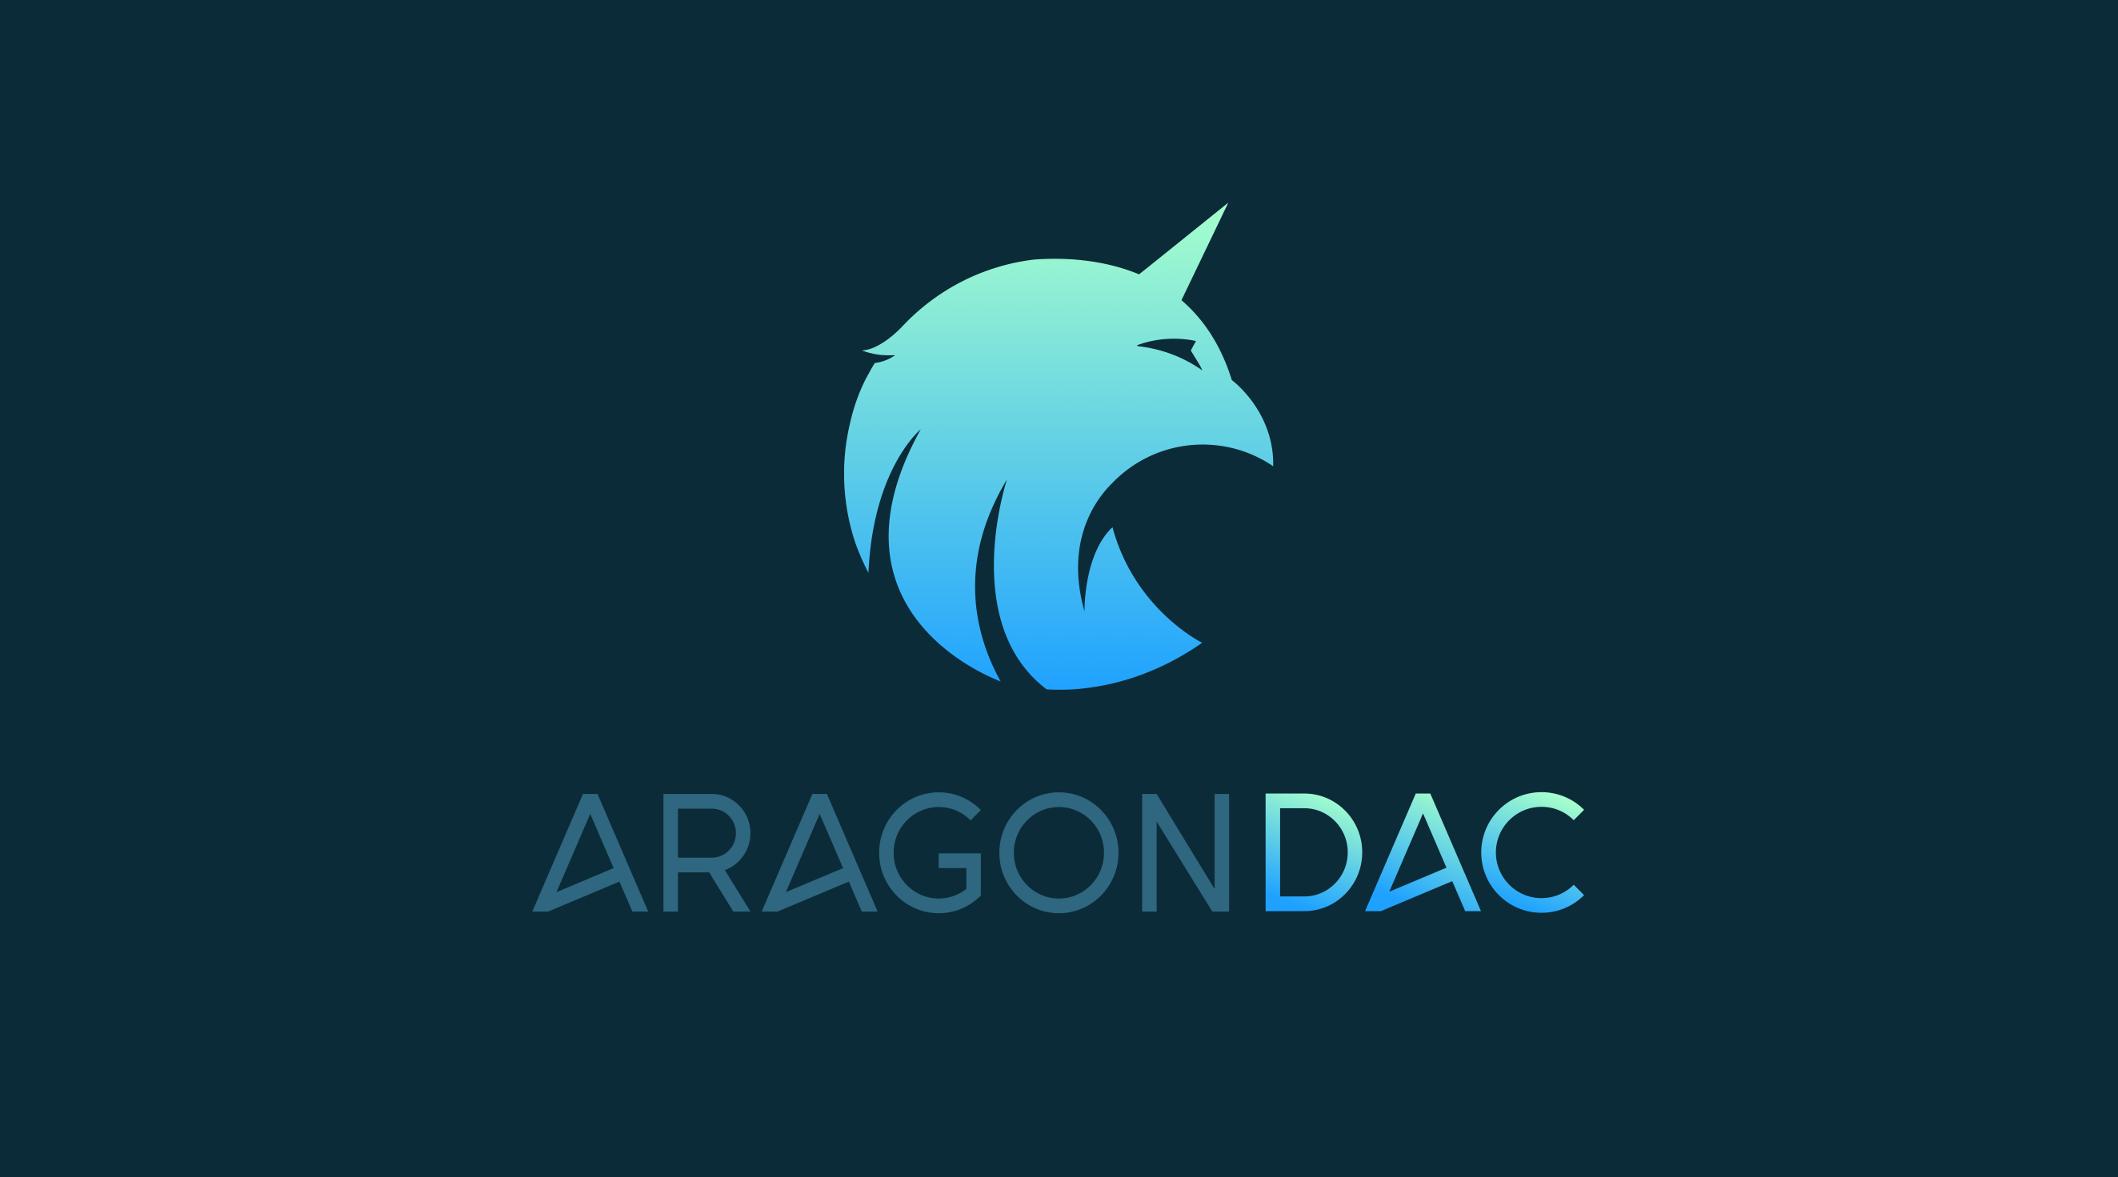 aragondac